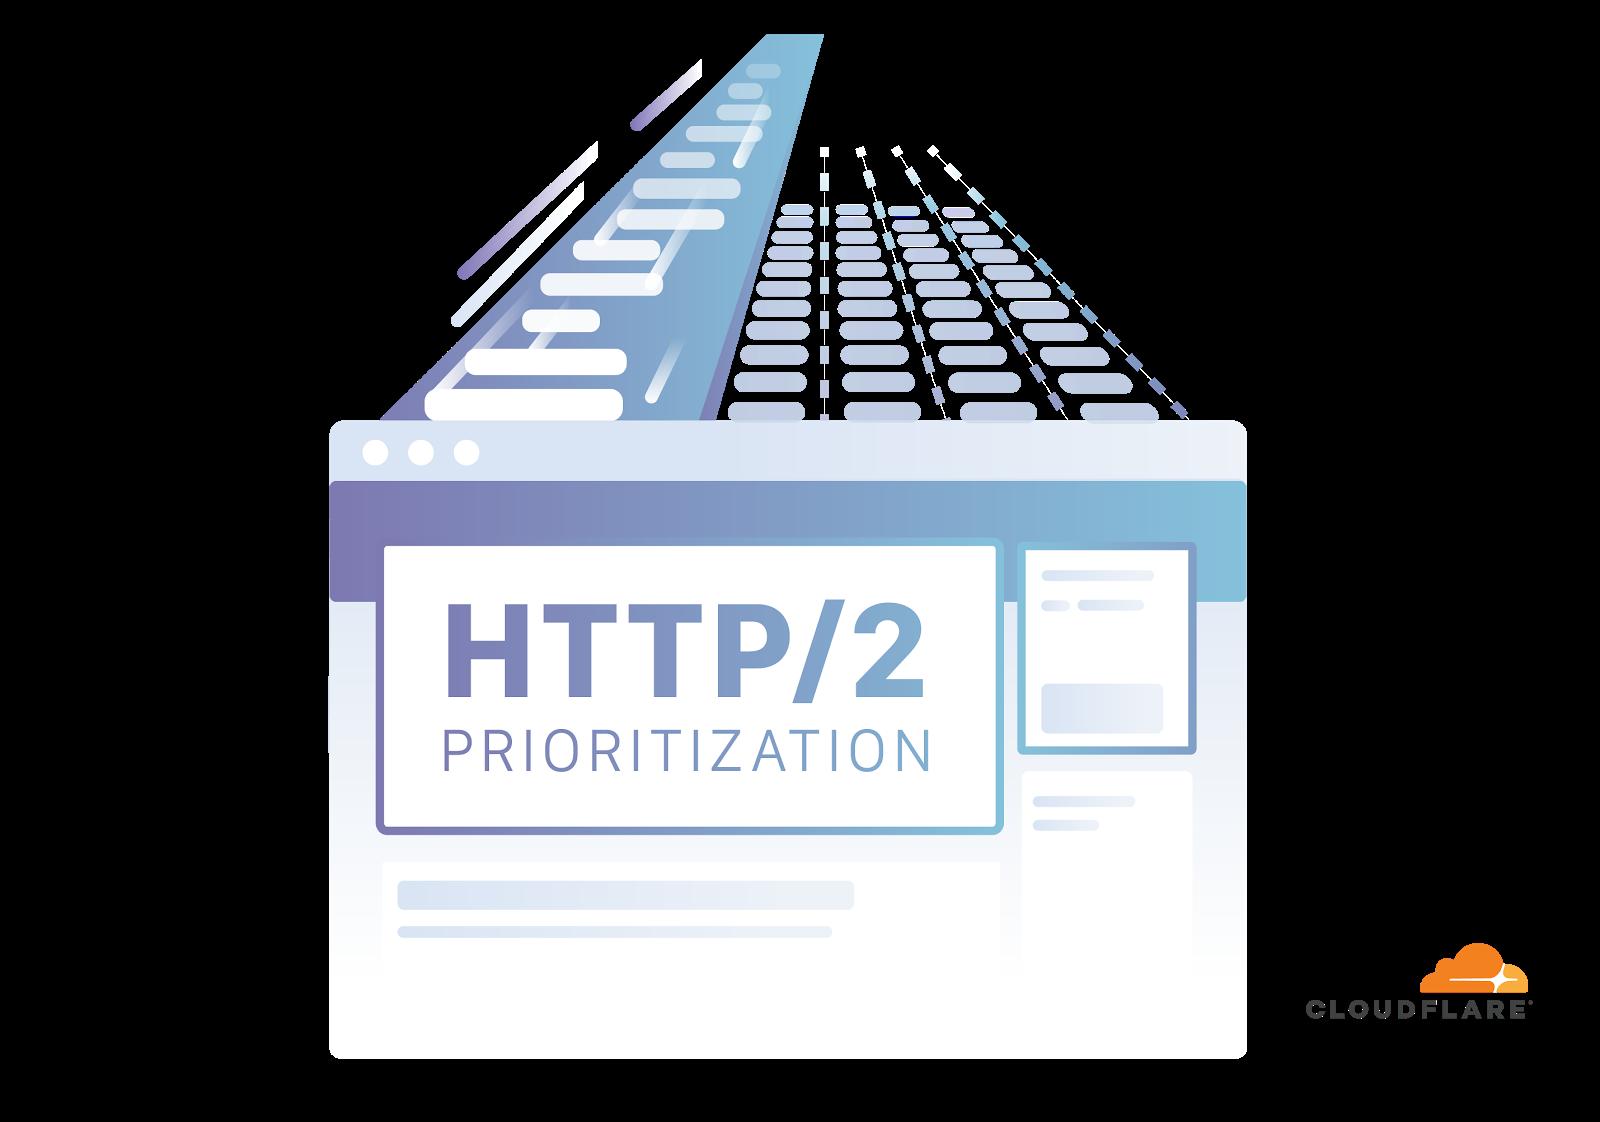 Лучшая приоритизация HTTP-2 для ускорения веба - 1